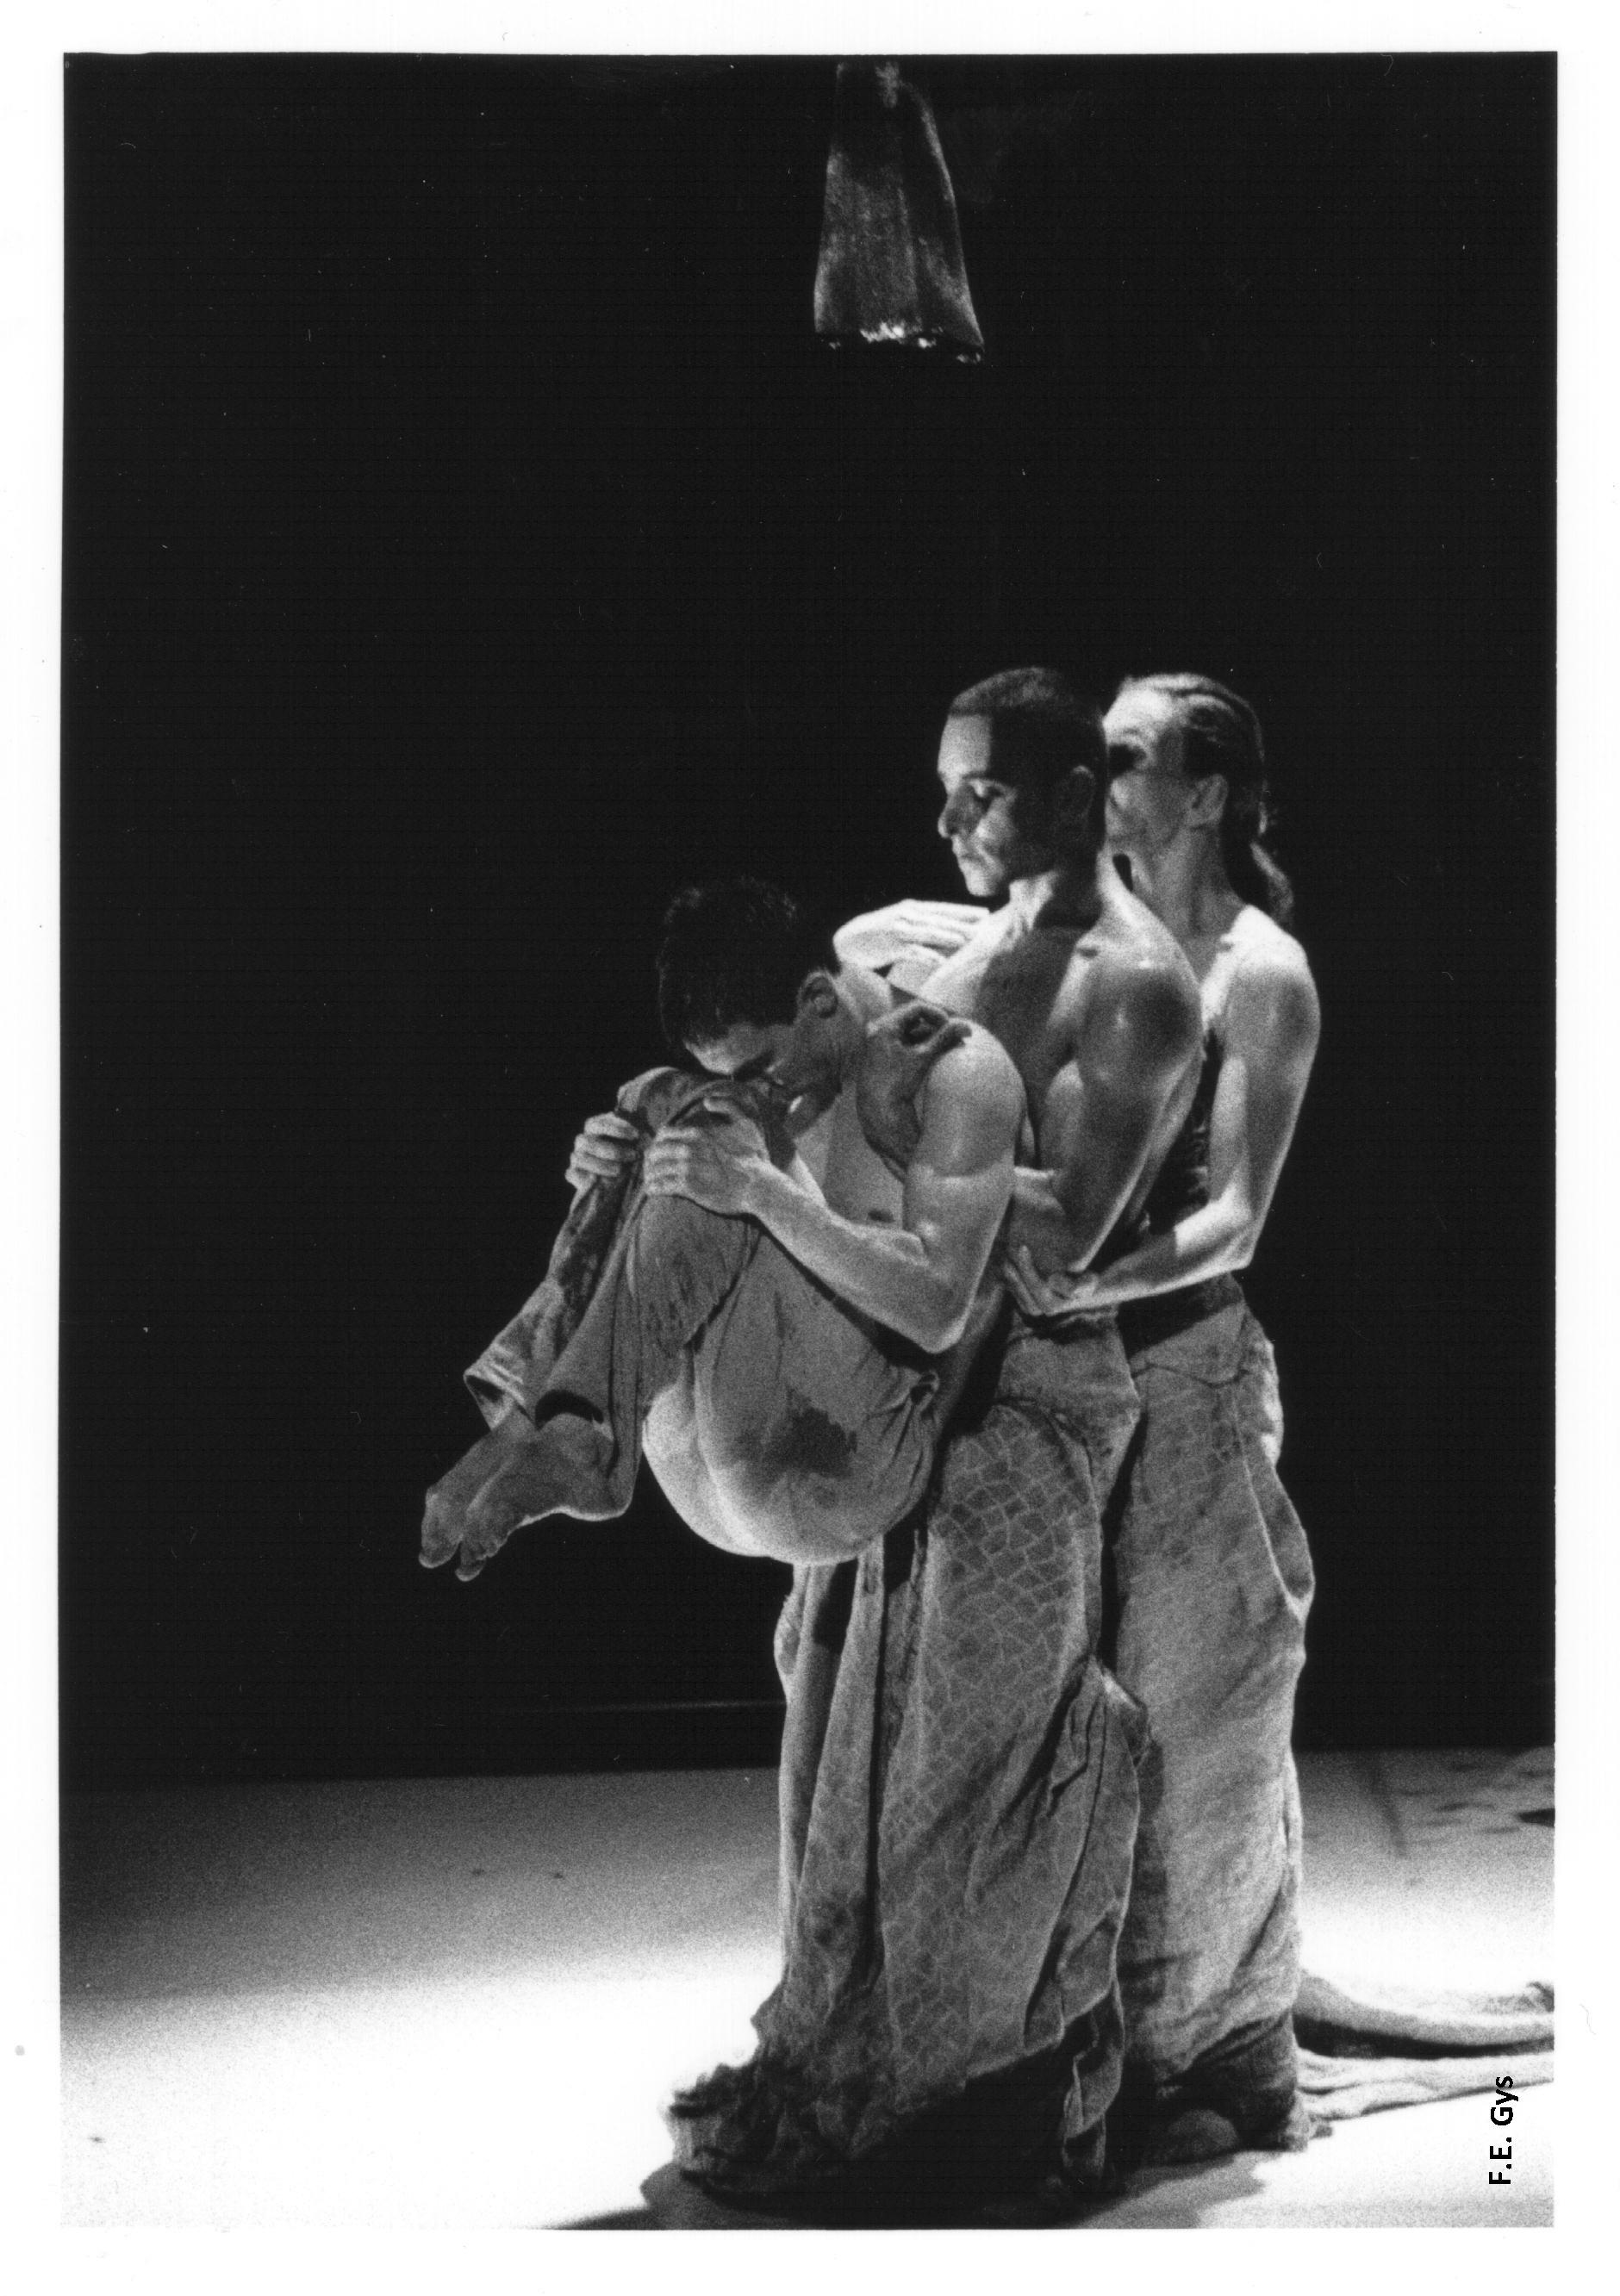 Les Discrets - Octobre 2003 ©F.E. Gys